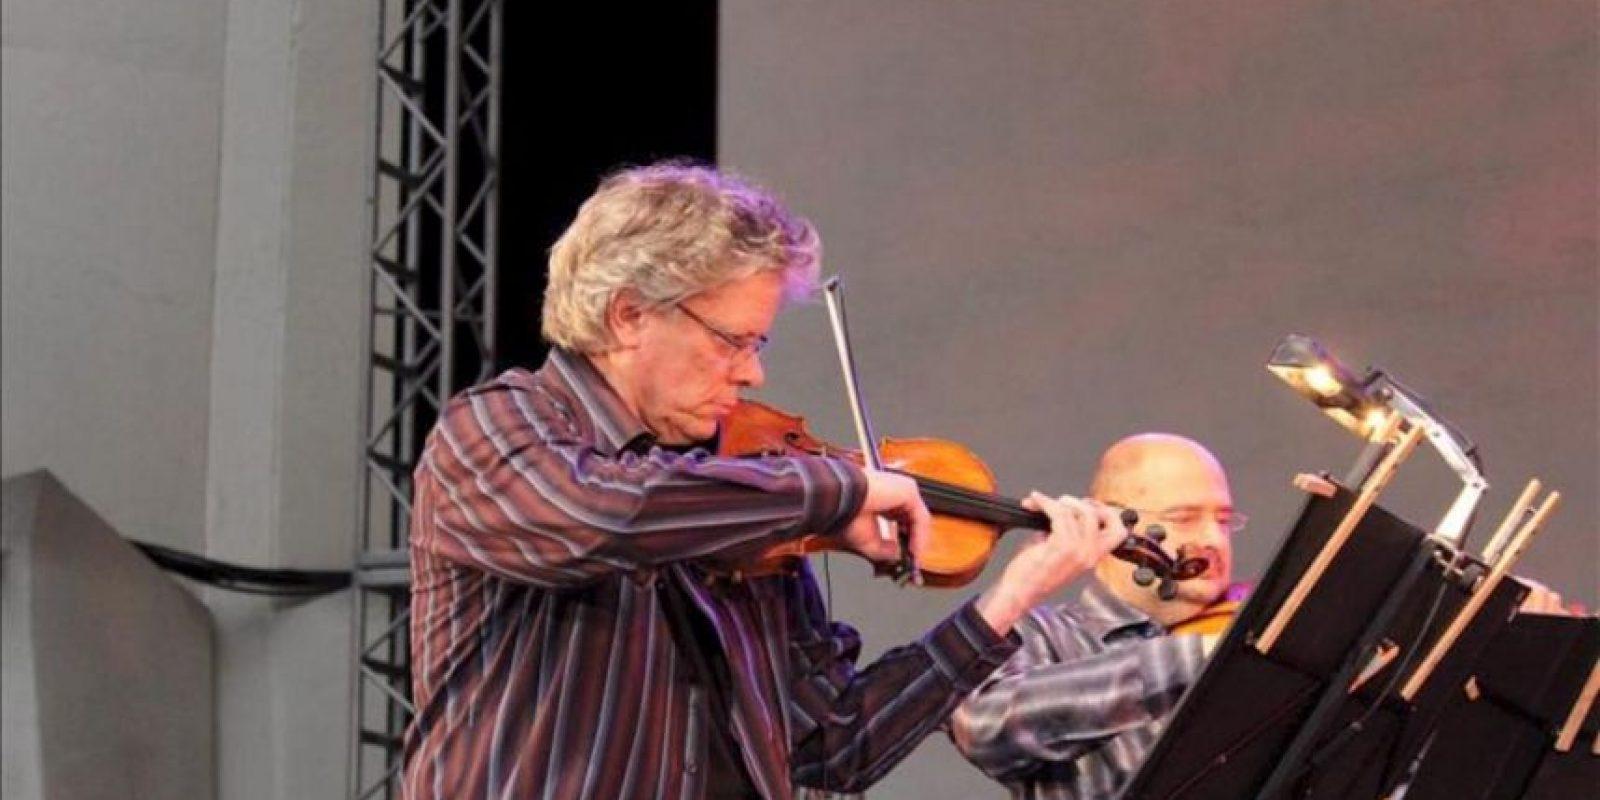 David Harrington, que fundó el Kronos Quartet en Seattle (Washington) en 1973, ensaya una pieza junto a John Sherba, Hank Durtt y Sunny Yang (no aparecen en la imagen). EFE